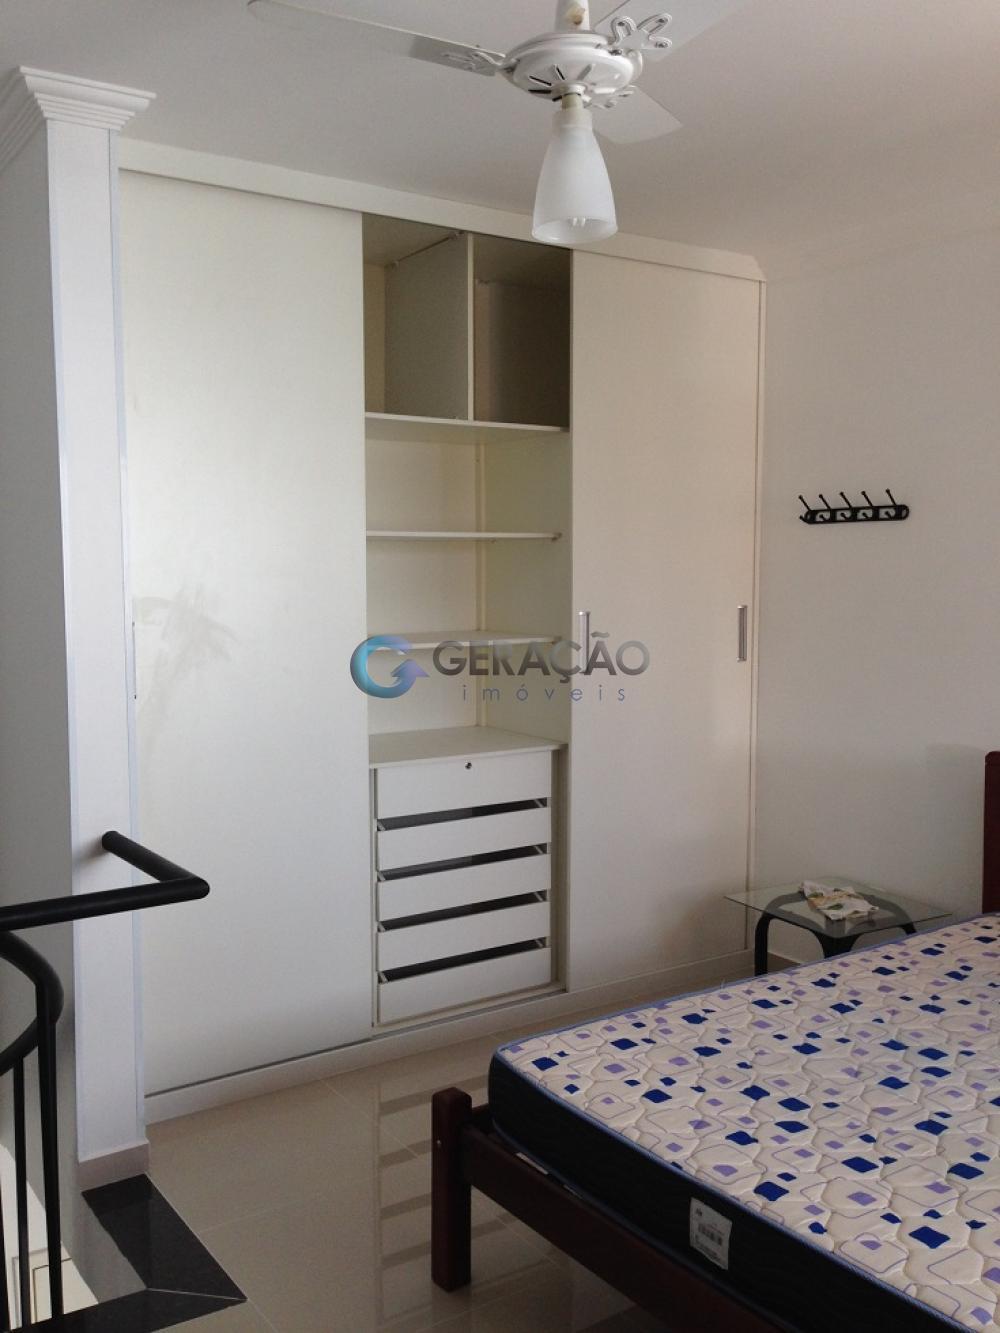 Alugar Apartamento / Duplex em São José dos Campos apenas R$ 1.200,00 - Foto 4